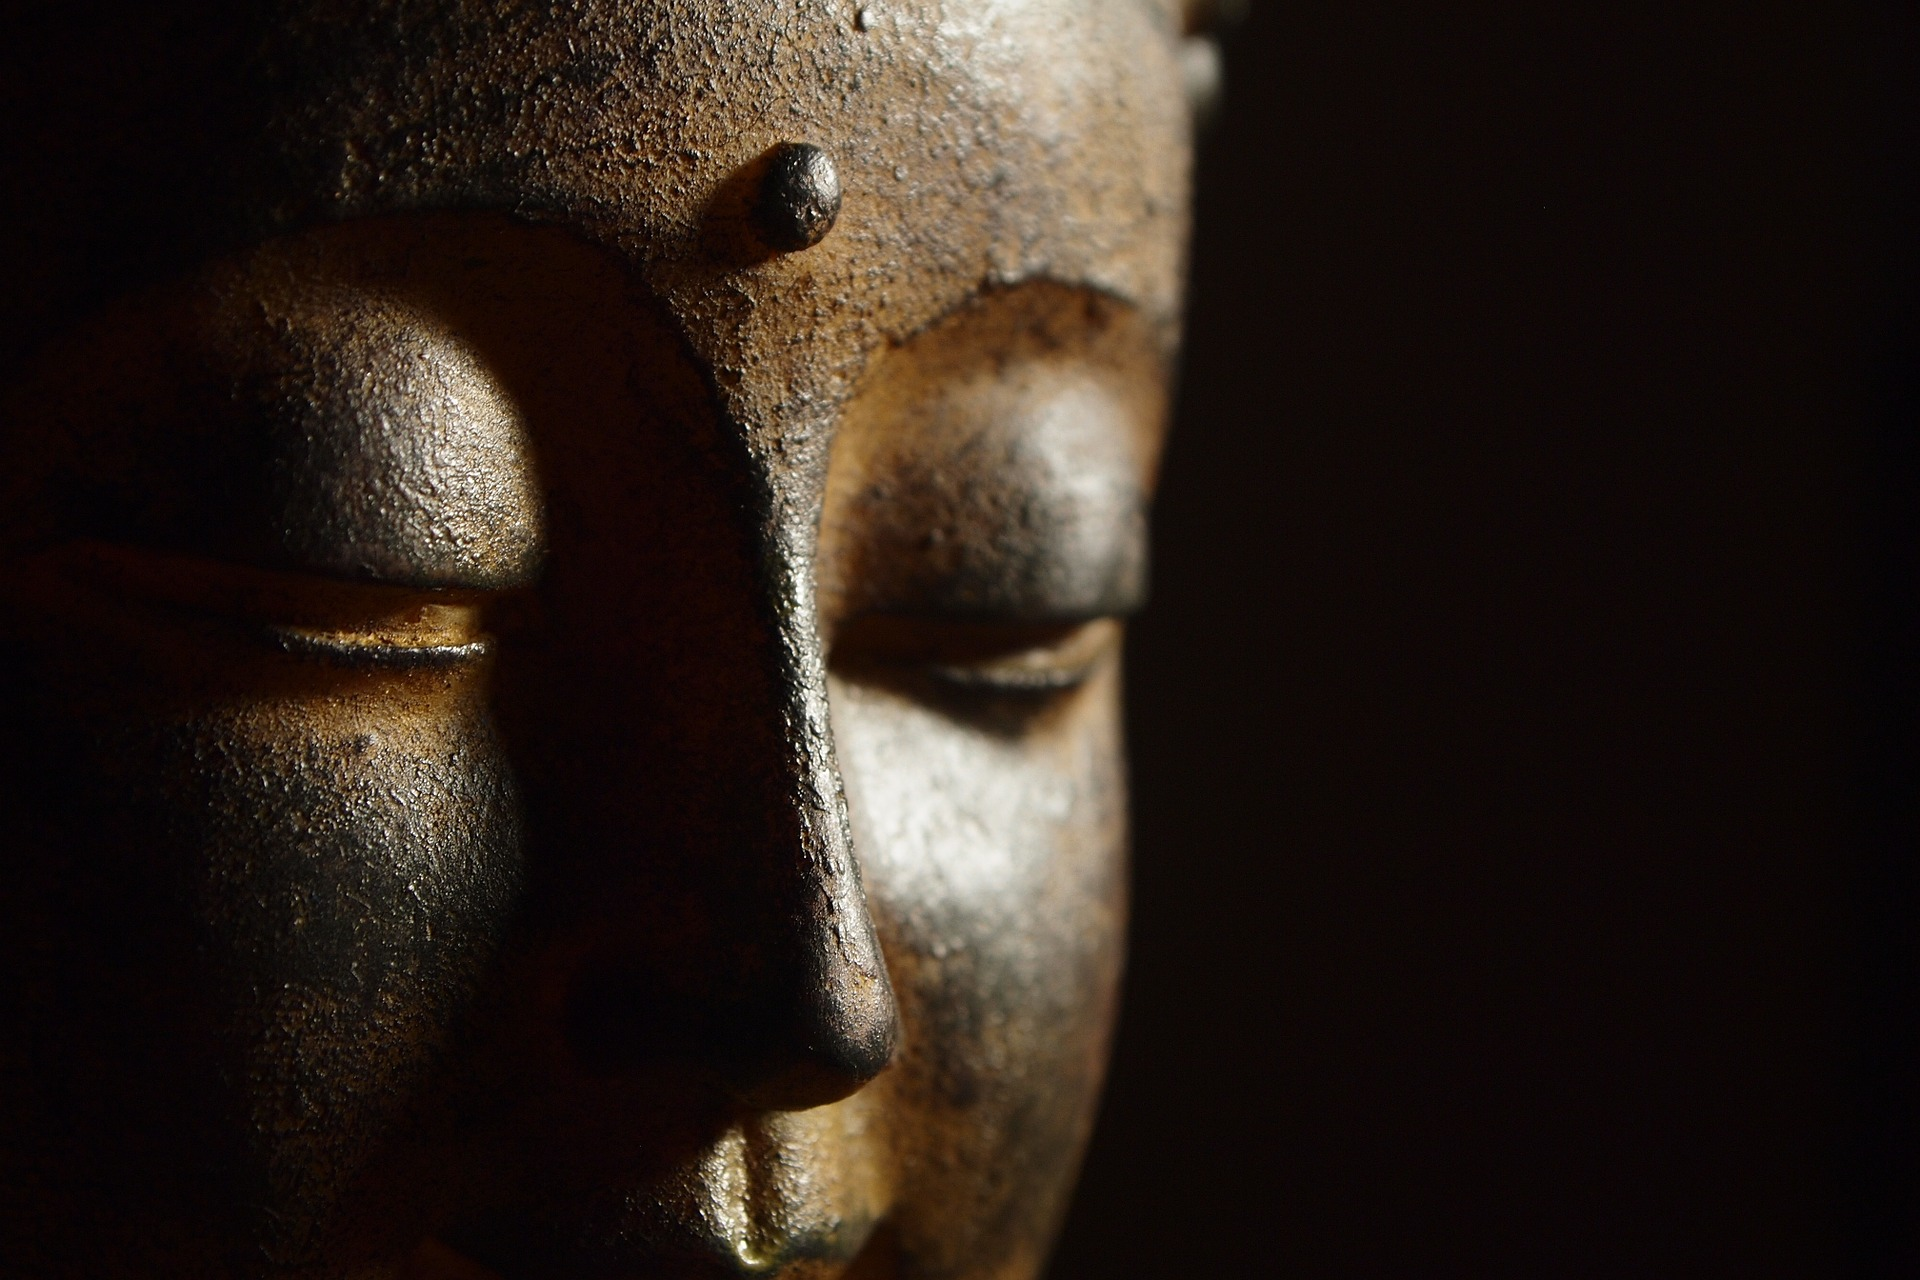 Frieden. Stille. Meditation. Innere Einkehr.